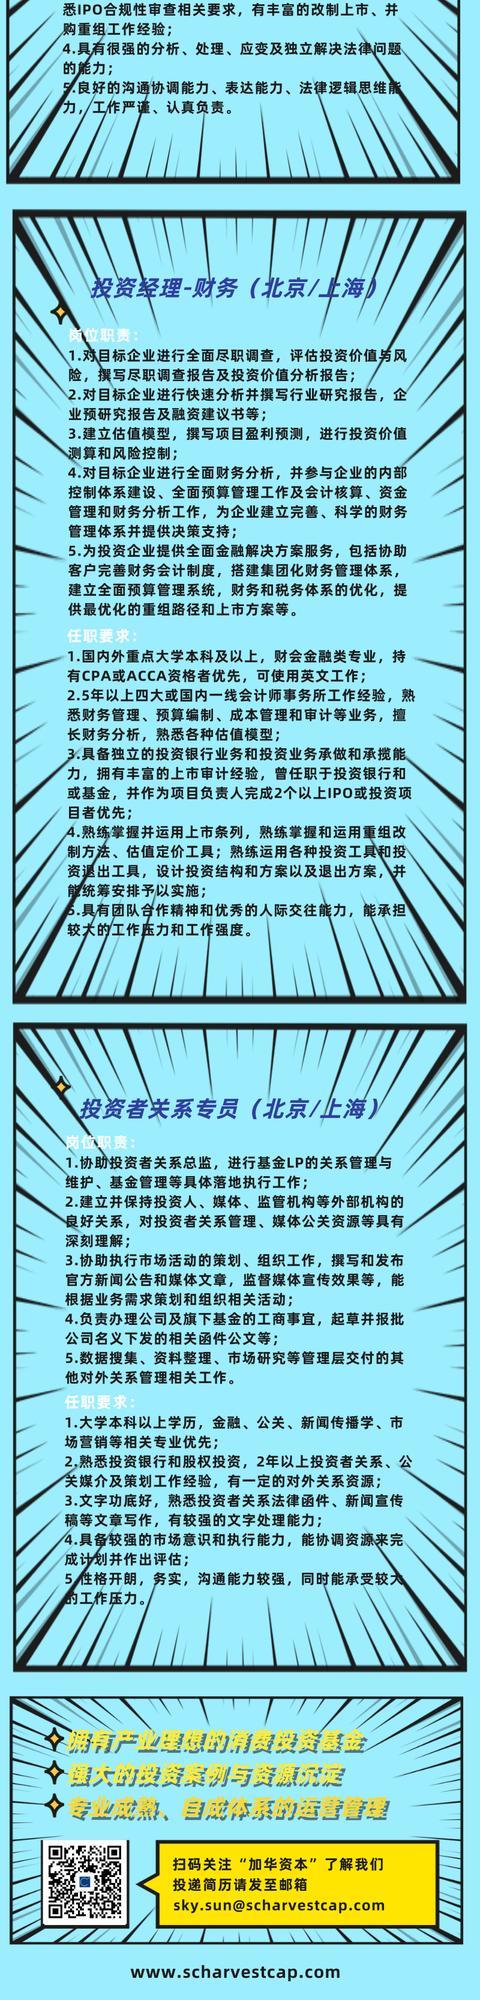 加华资本人才招募 | 中国消费投资专家,等你加入